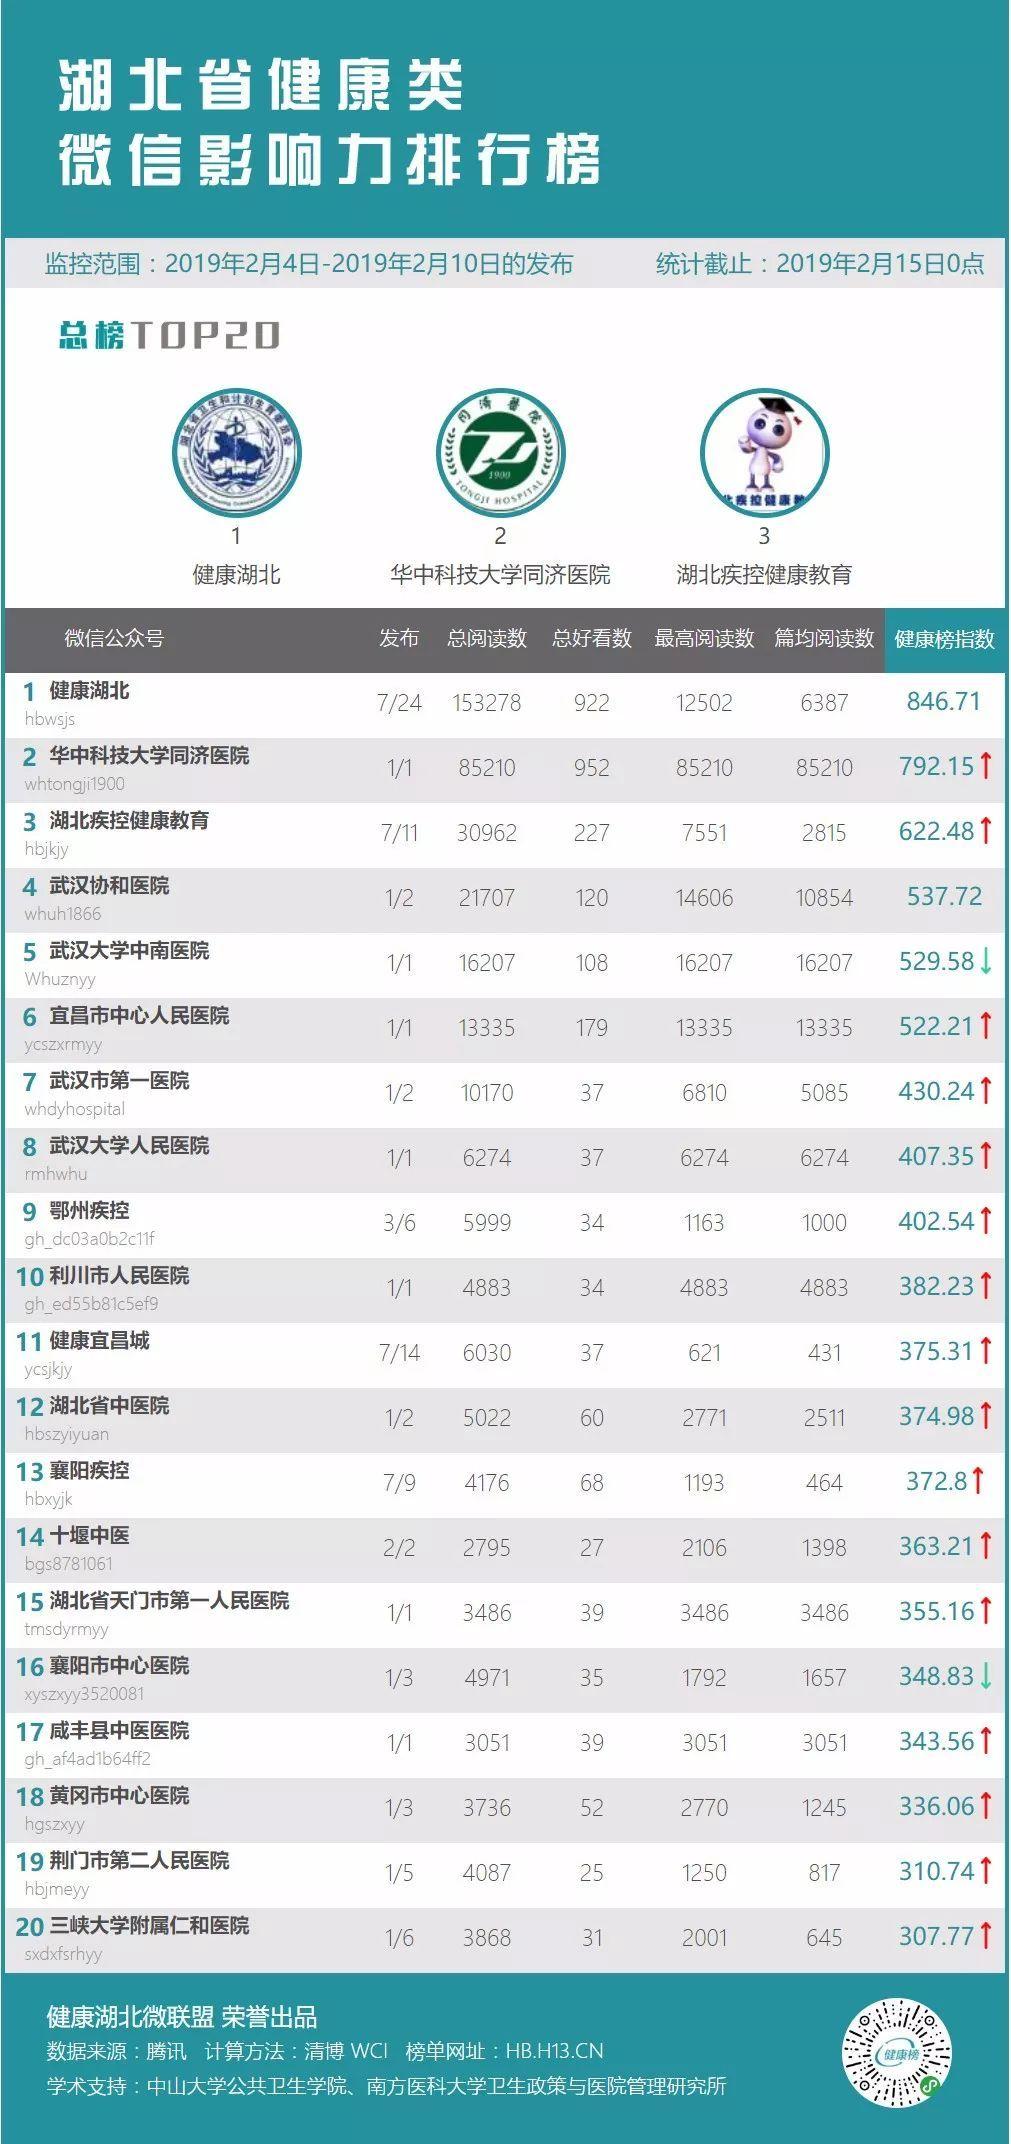 2019瘦脸排行榜_高颜值性能拍照手机哪款好推荐最好的拍照手机排行榜